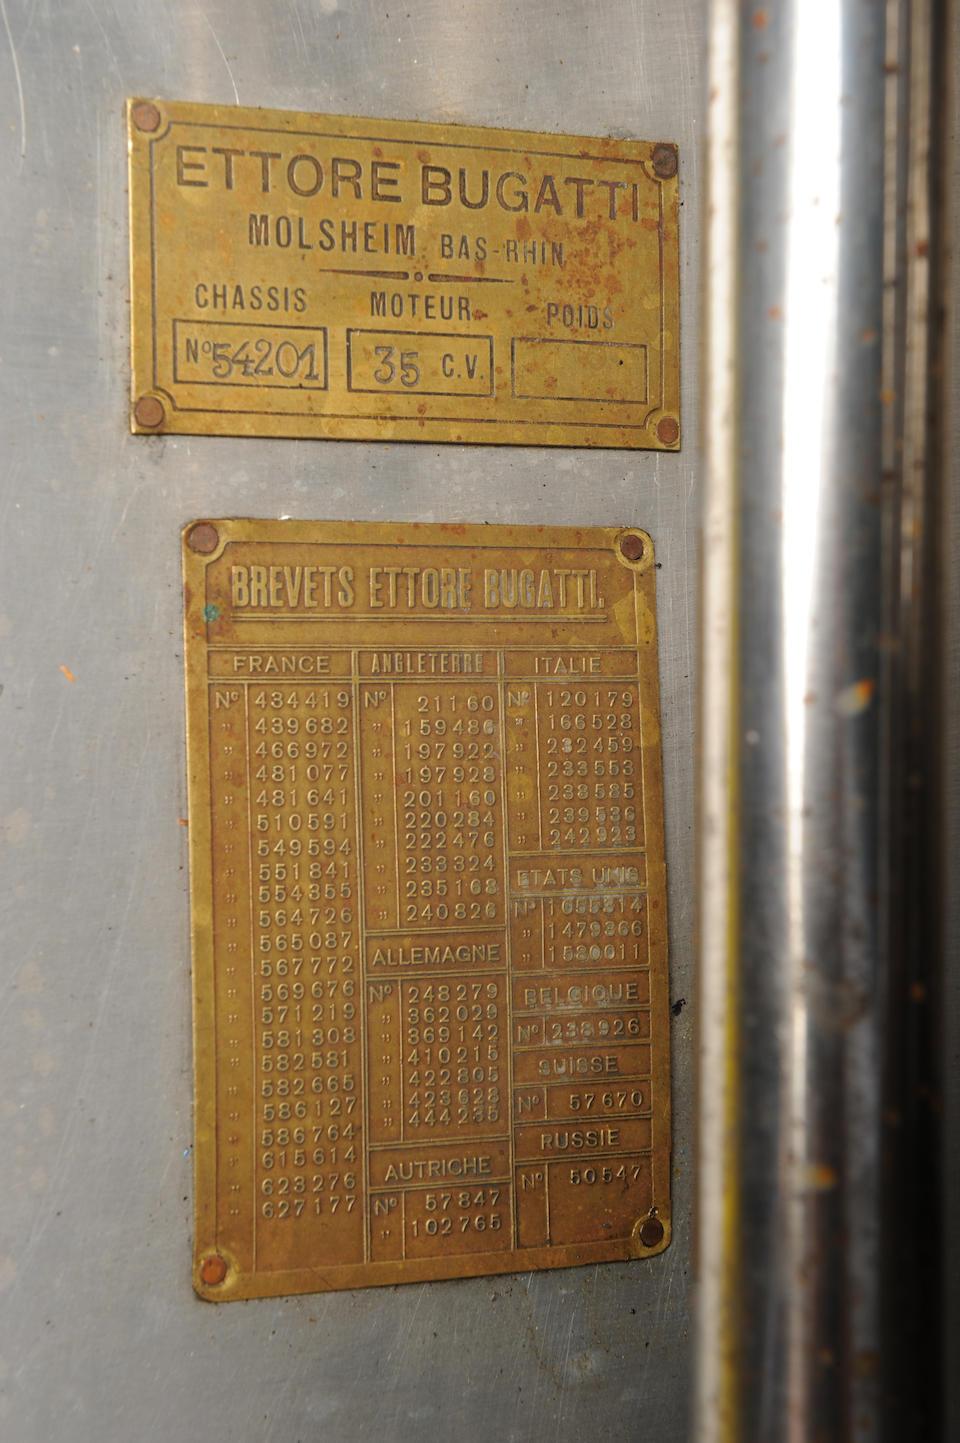 Ex-Achille Varzi, Prince Georg Lobkowicz, Zdenek Pohl, Peter Hampton – Victorieuse au GP de Monza,1931 BUGATTI TYPE 54 Grand Prix « usine » 4.9 litres à compresseur 1931  Chassis no. 54201 Engine no. 1